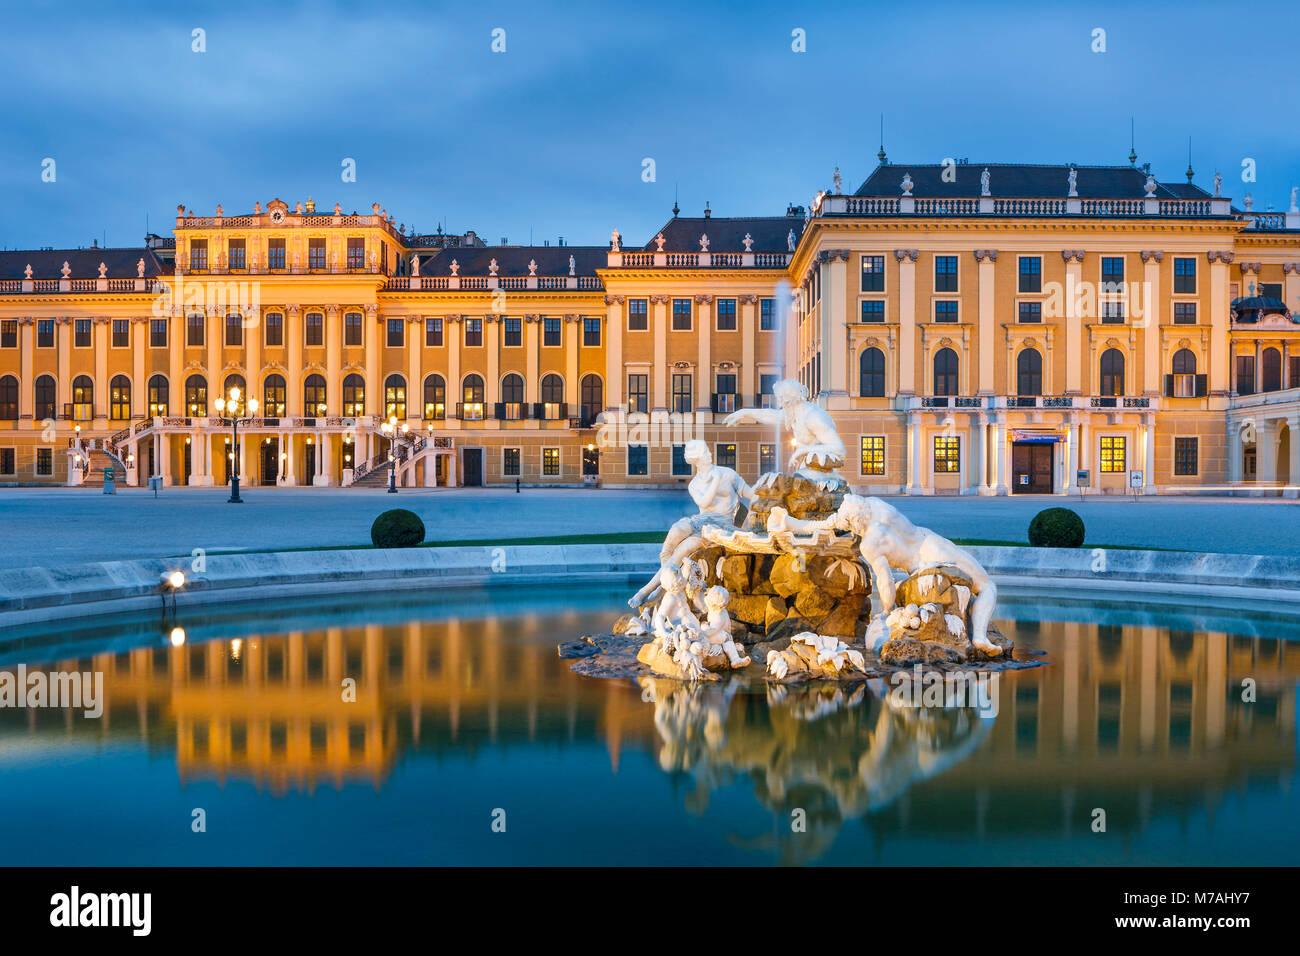 Ora blu con riflessione nella fontana sul piazzale del Palazzo di Schönbrunn a Vienna Immagini Stock